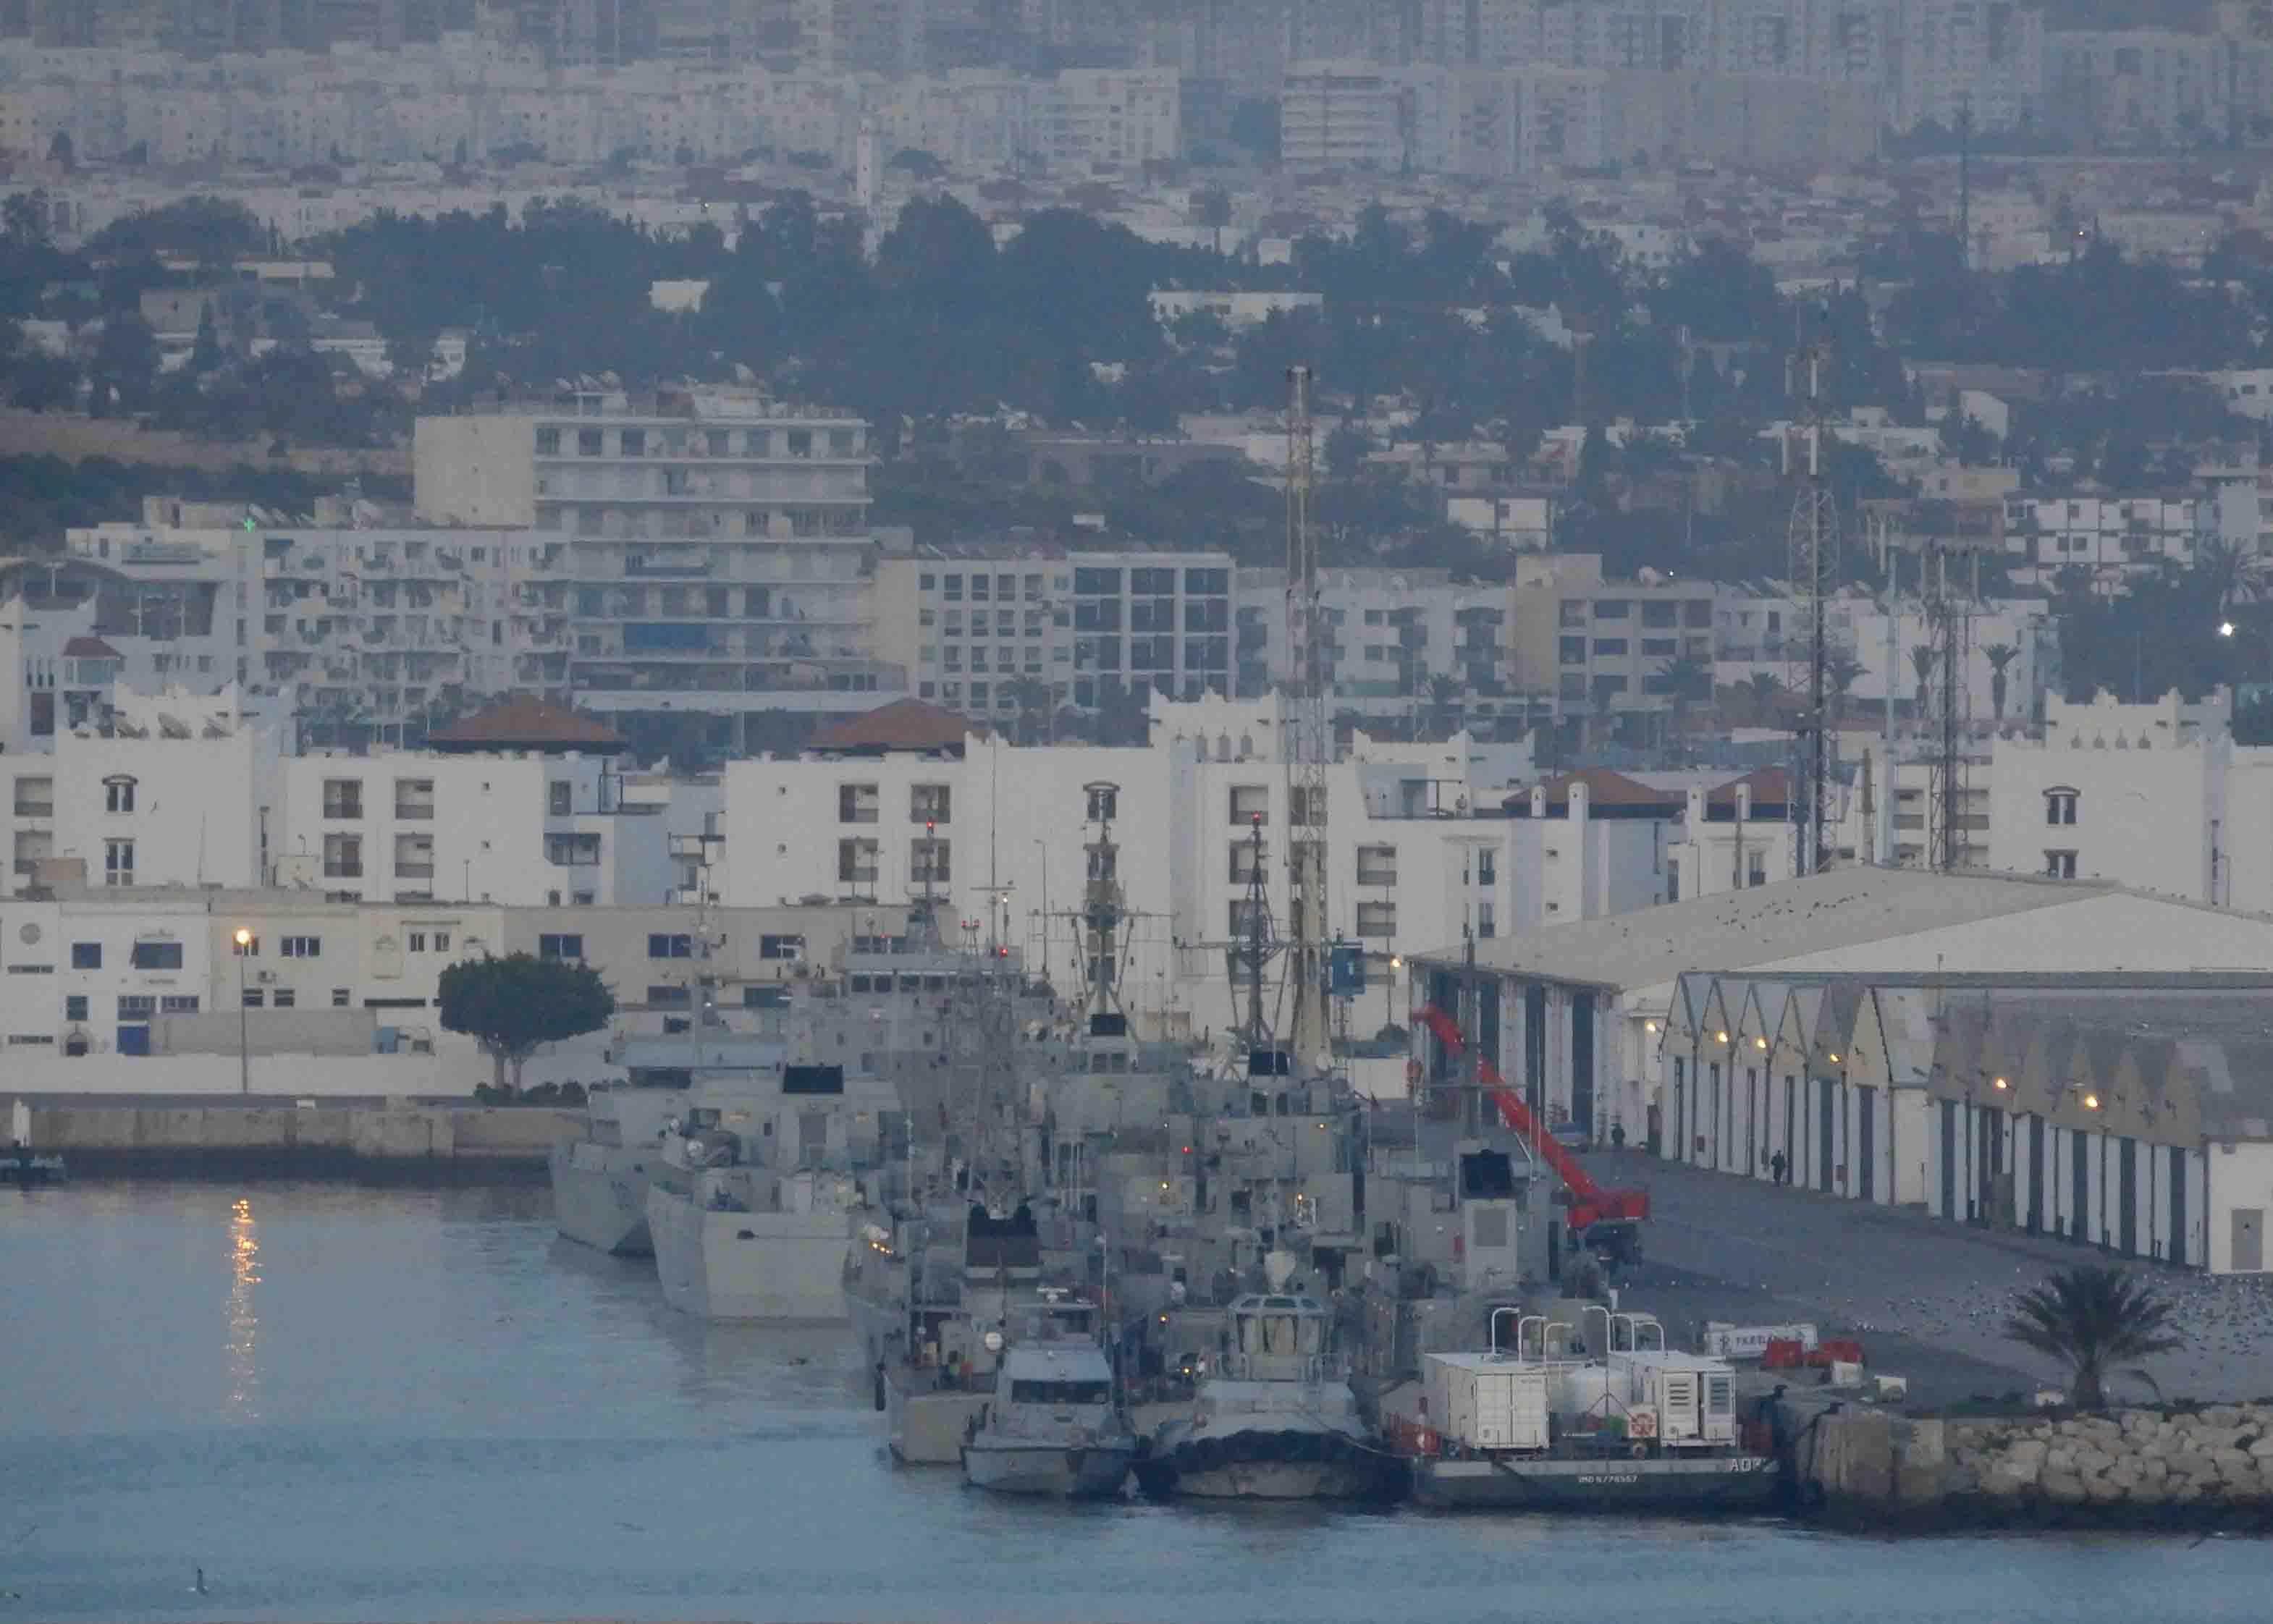 Bases et sites de la Marine Royale Marocaine - Page 2 2852472